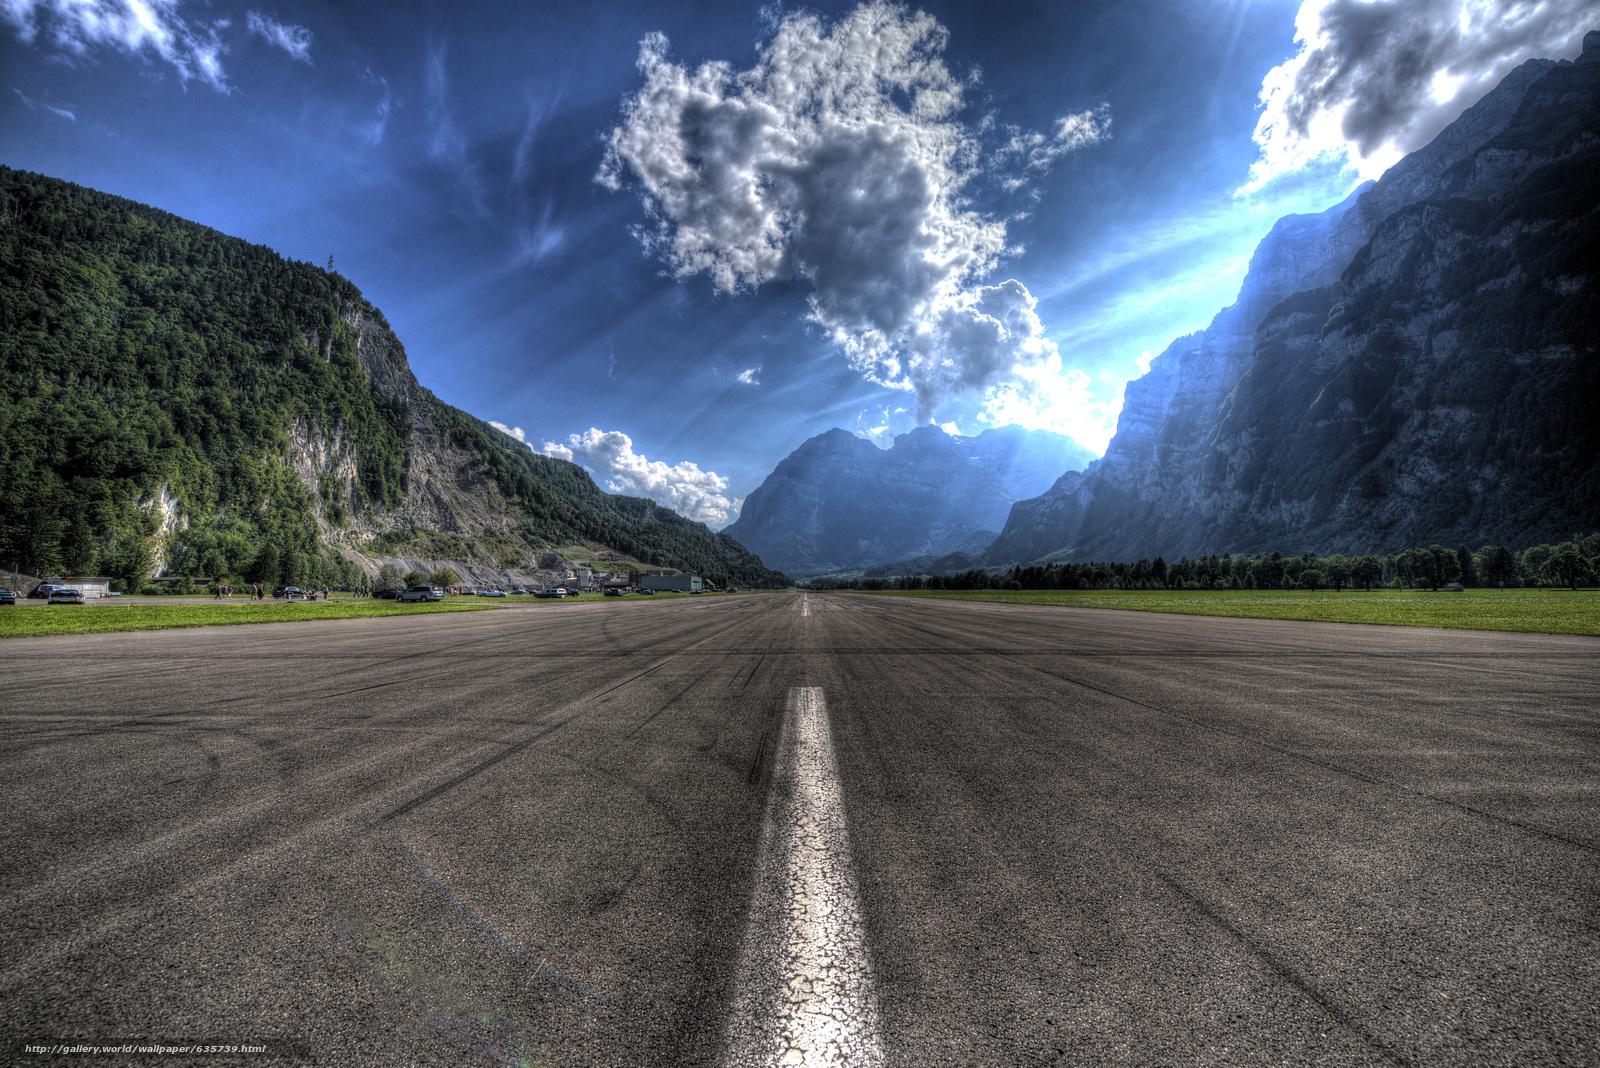 Скачать обои Аэродром Mollis,  Швейцария,  пейзаж бесплатно для рабочего стола в разрешении 6016x4016 — картинка №635739